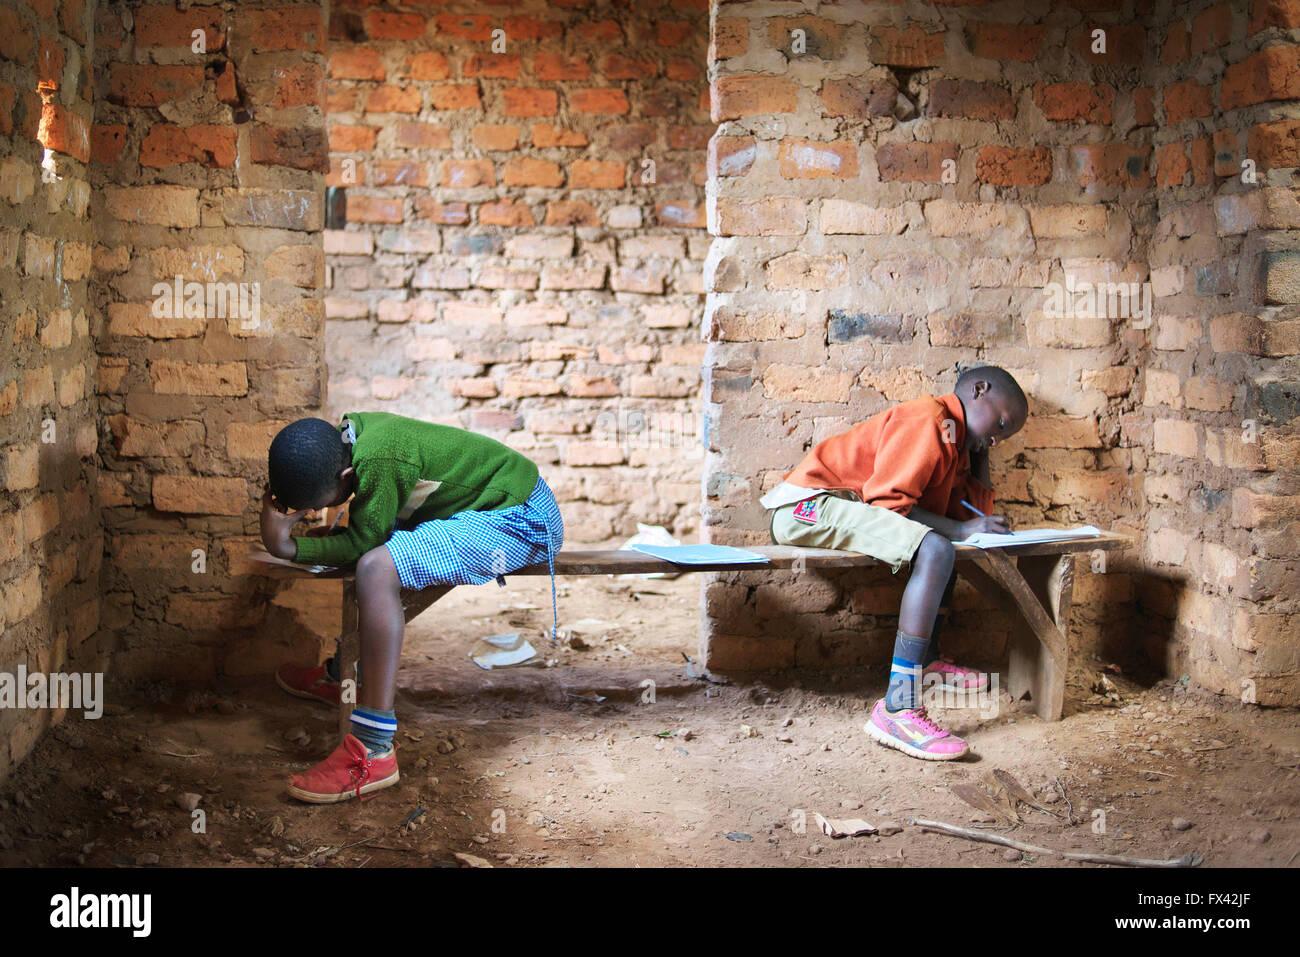 Dos vestidos brillantes escolares tomar exámenes en una escuela rural en Uganda, África Oriental Imagen De Stock